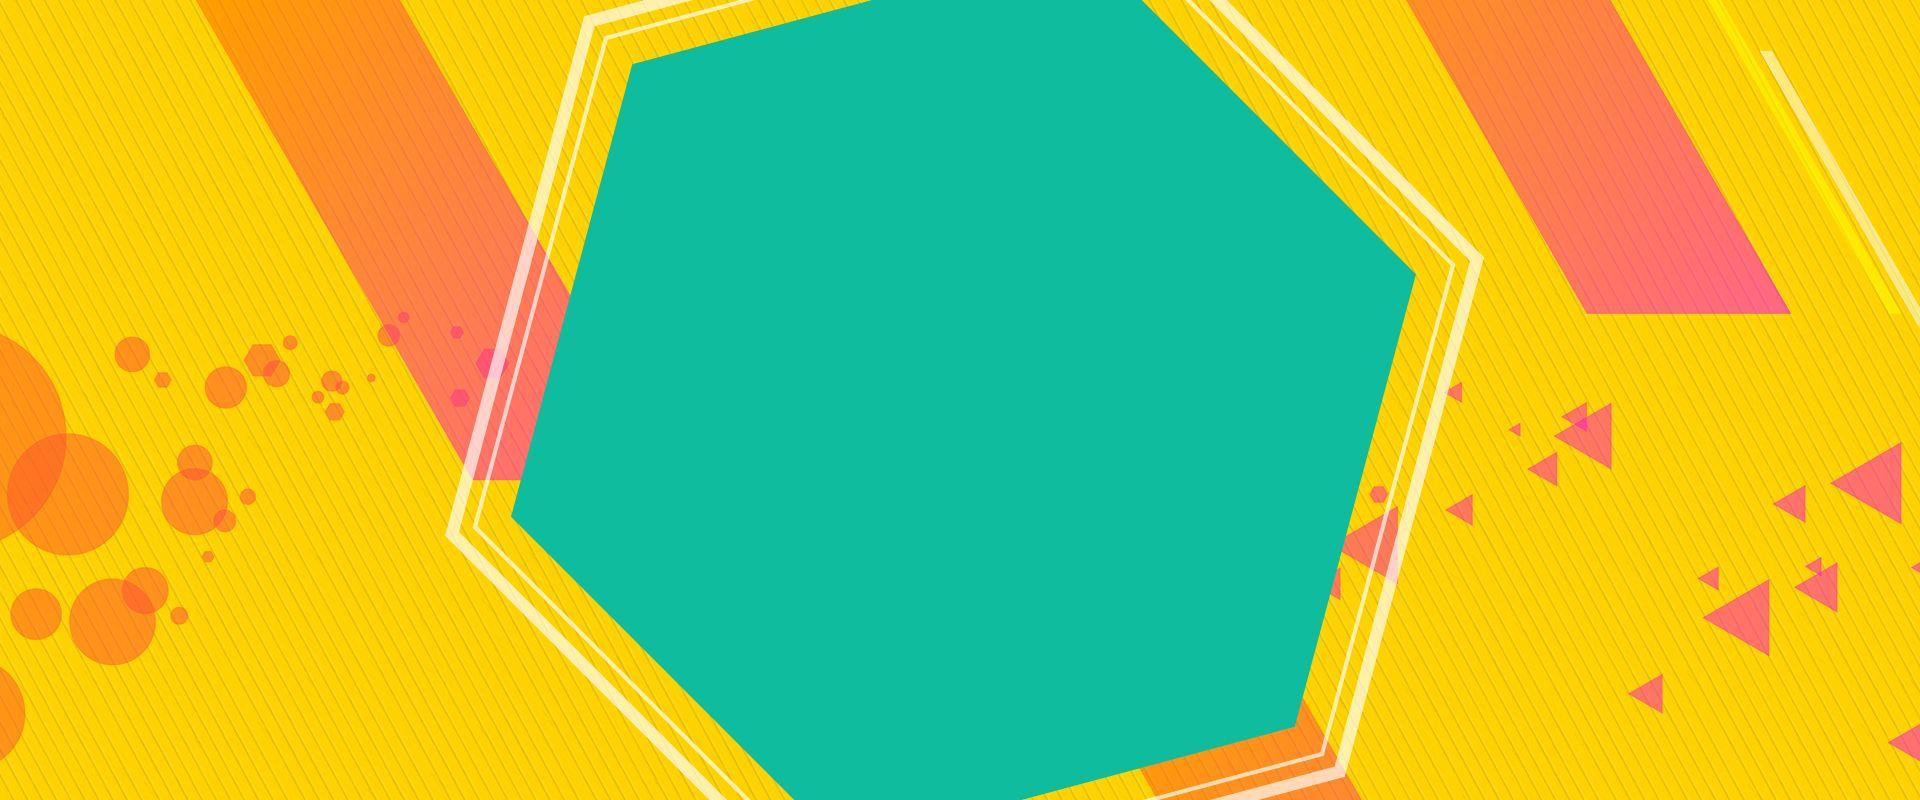 Double Twelve Promotional Geometric Gradient Yellow